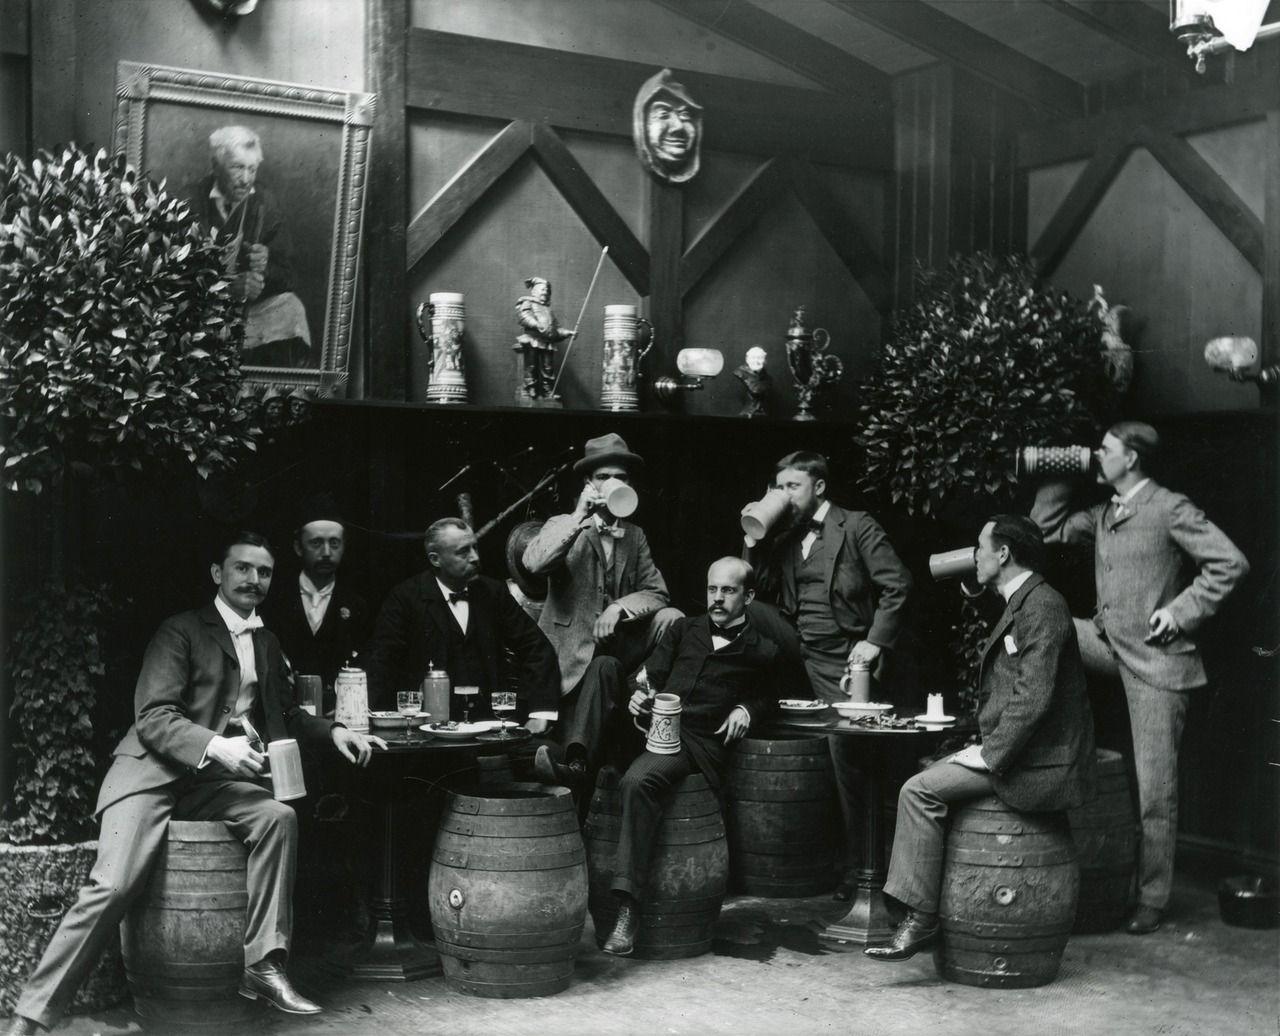 Beer Get Quaffing Gentlemen Robert L Bracklow Munchen